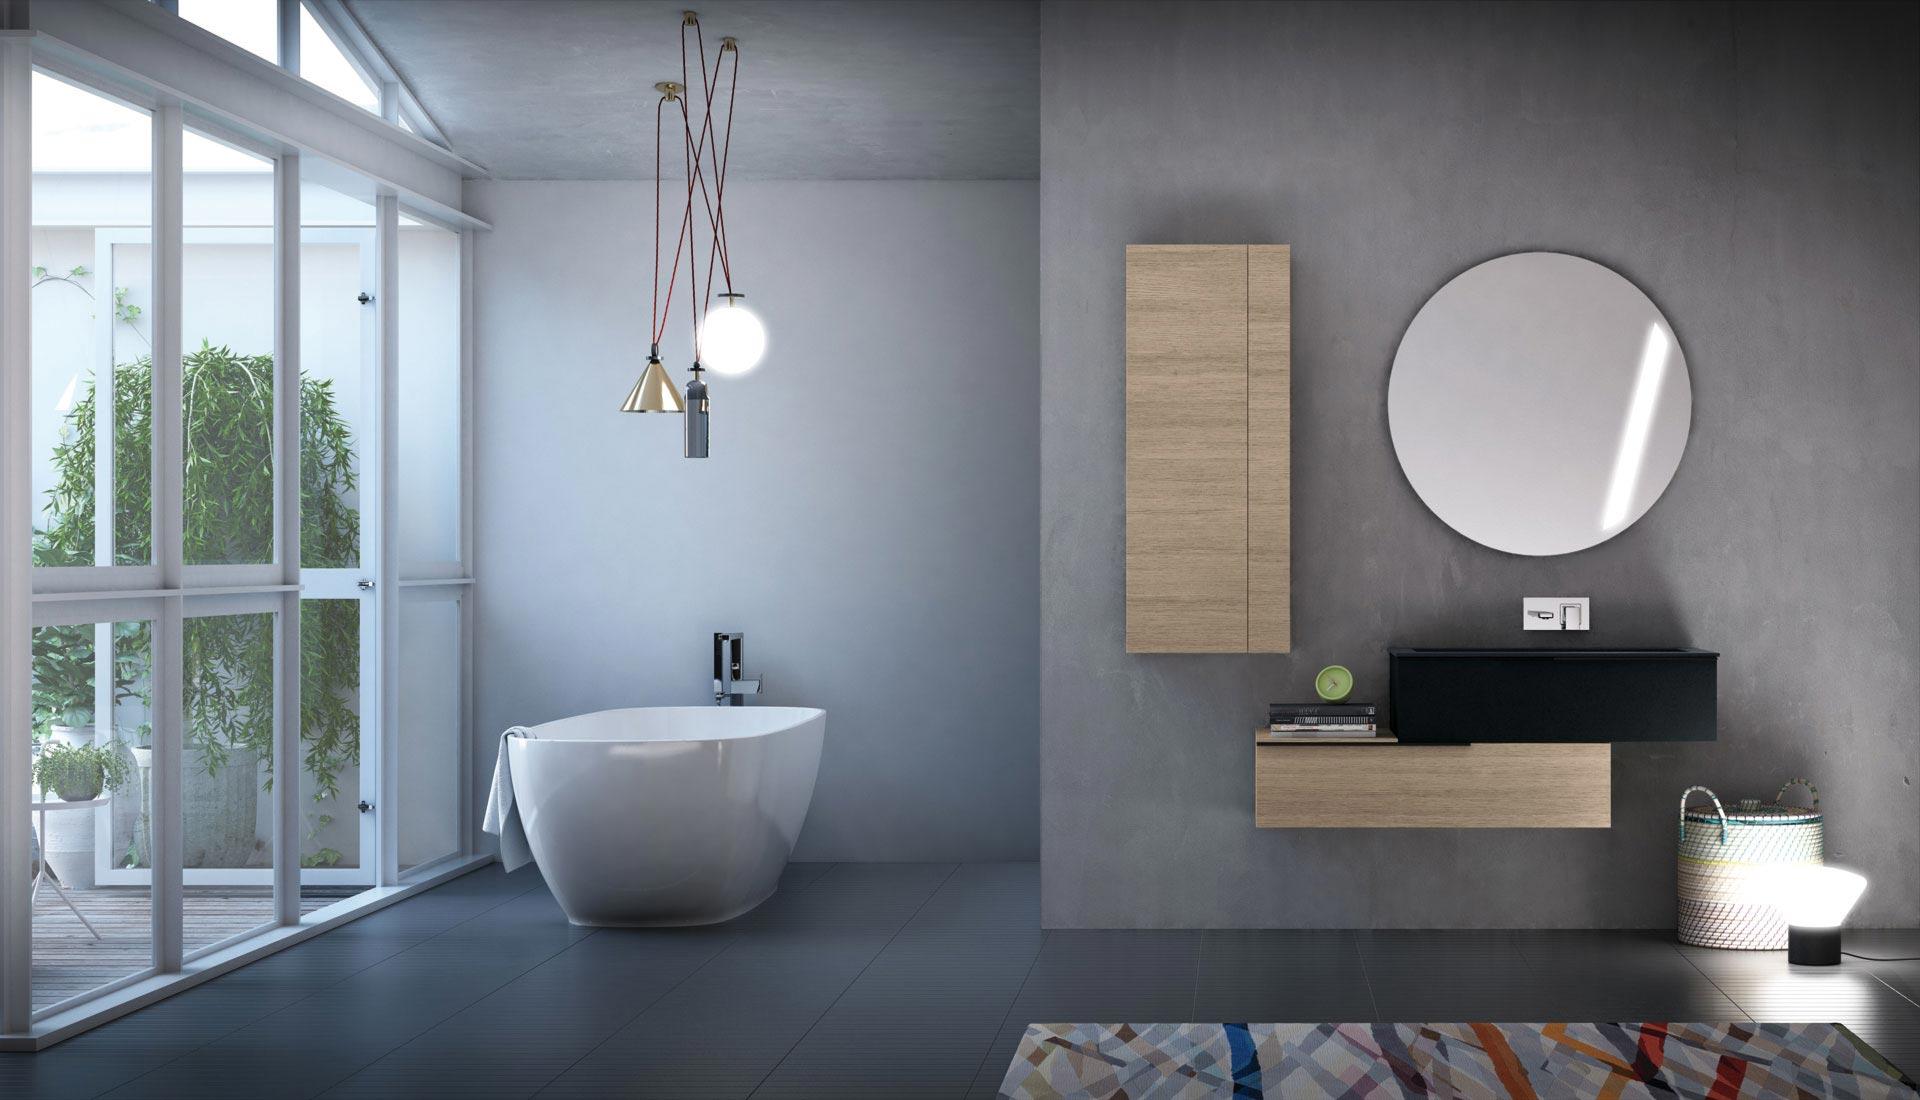 Arredo bagno puntotre mobili e arredamento bagno per la casa for Immagini arredamento